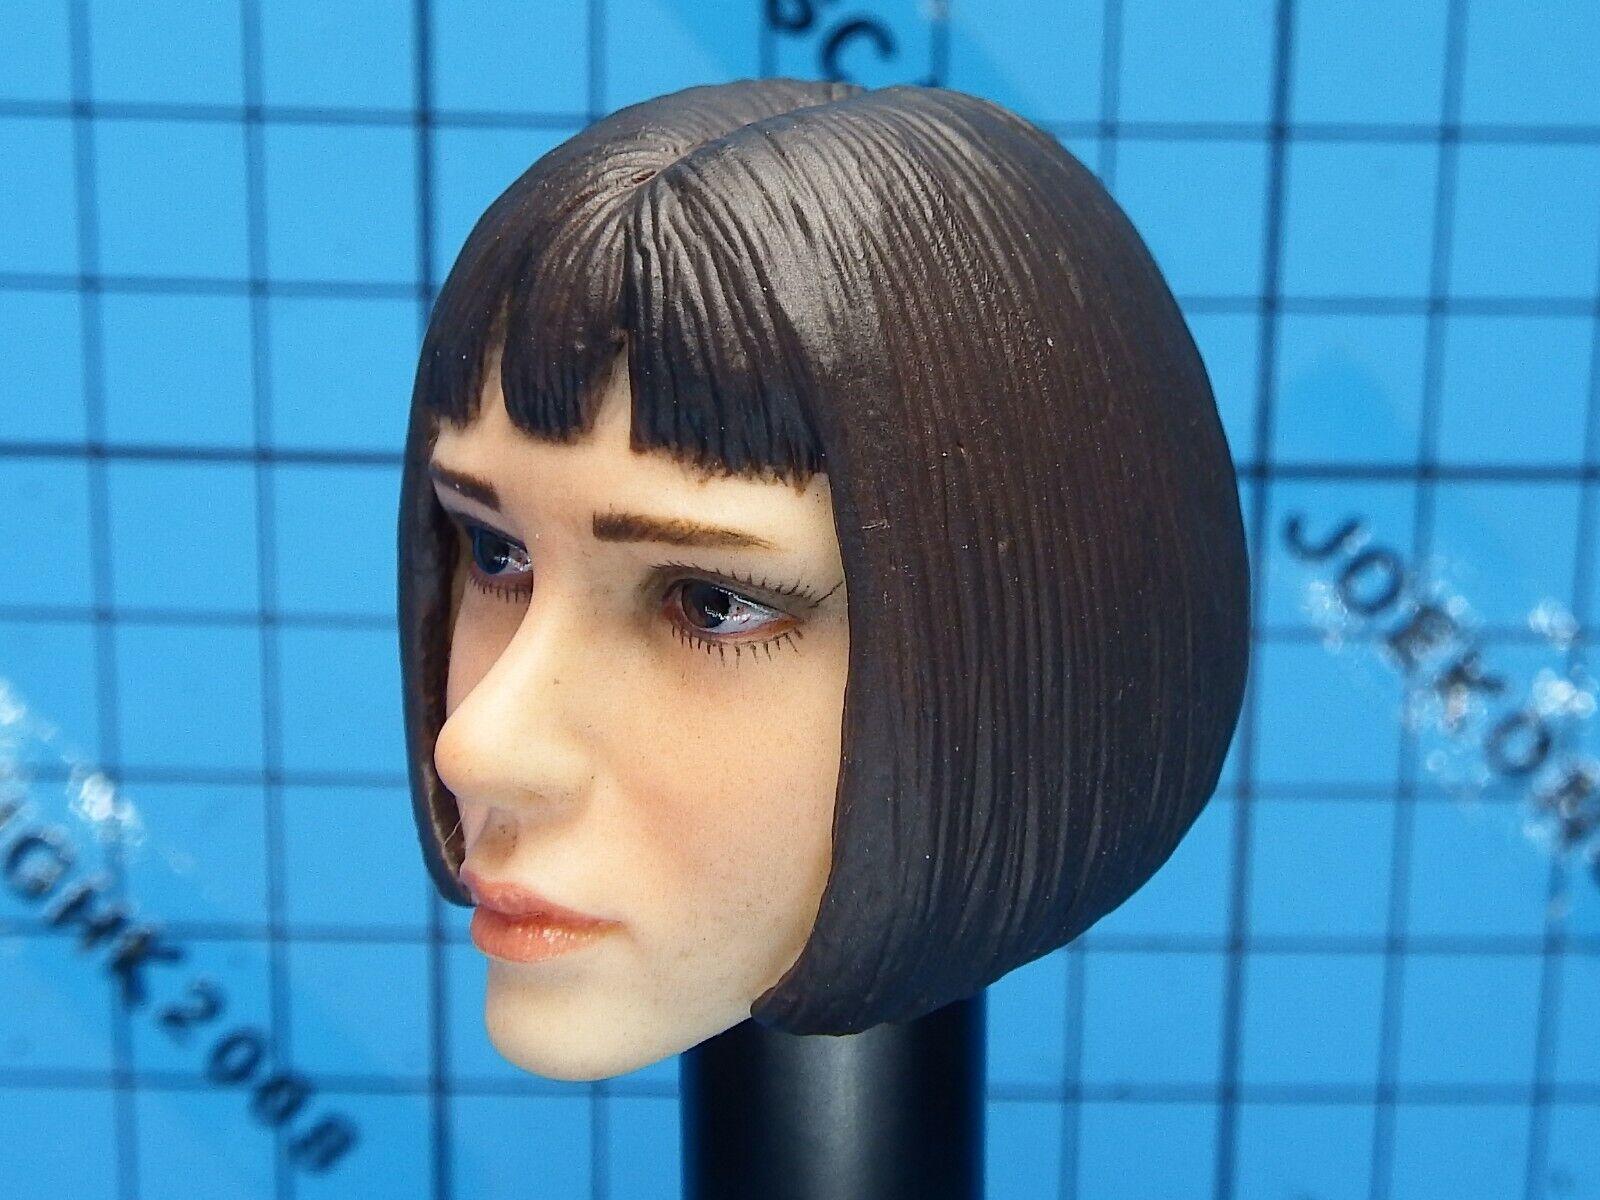 Redman Toys 1 6 6 6 RM030 The Partner Figure - Head Sculpt 4ad796